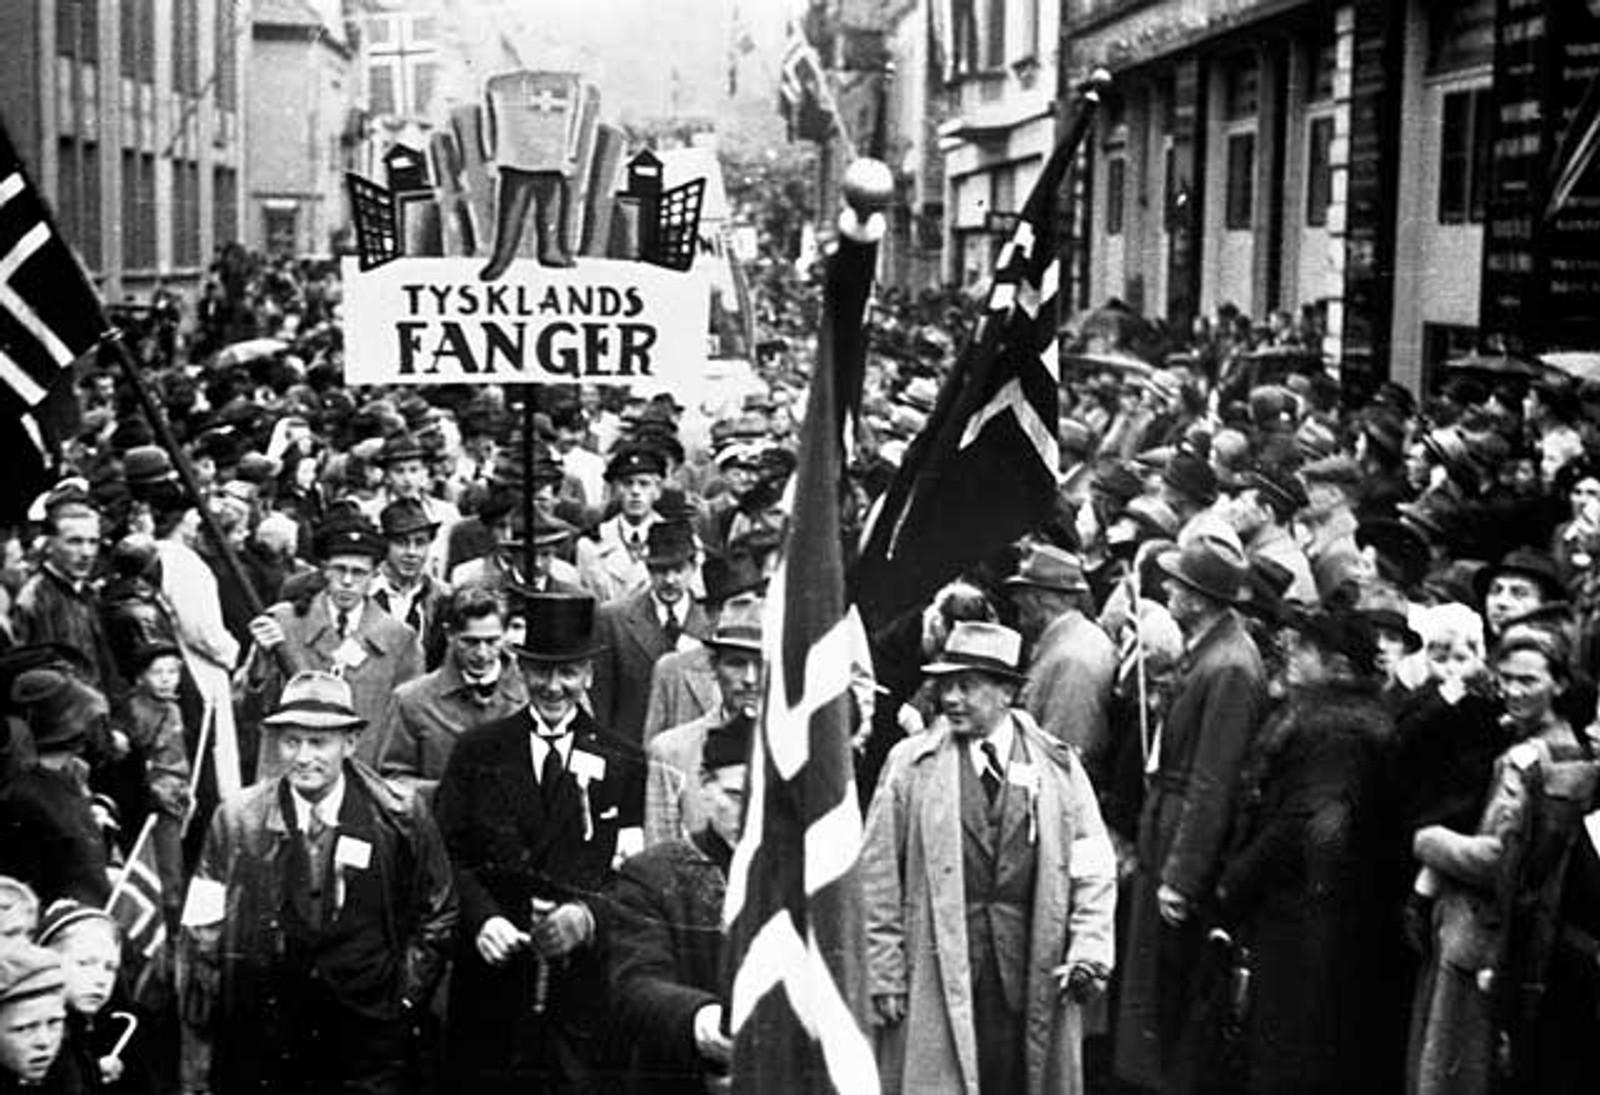 PROSESJON: Også krigsfangene ble hedret i 17. mai-prosesjonen gjennom Bergens gater 1945.